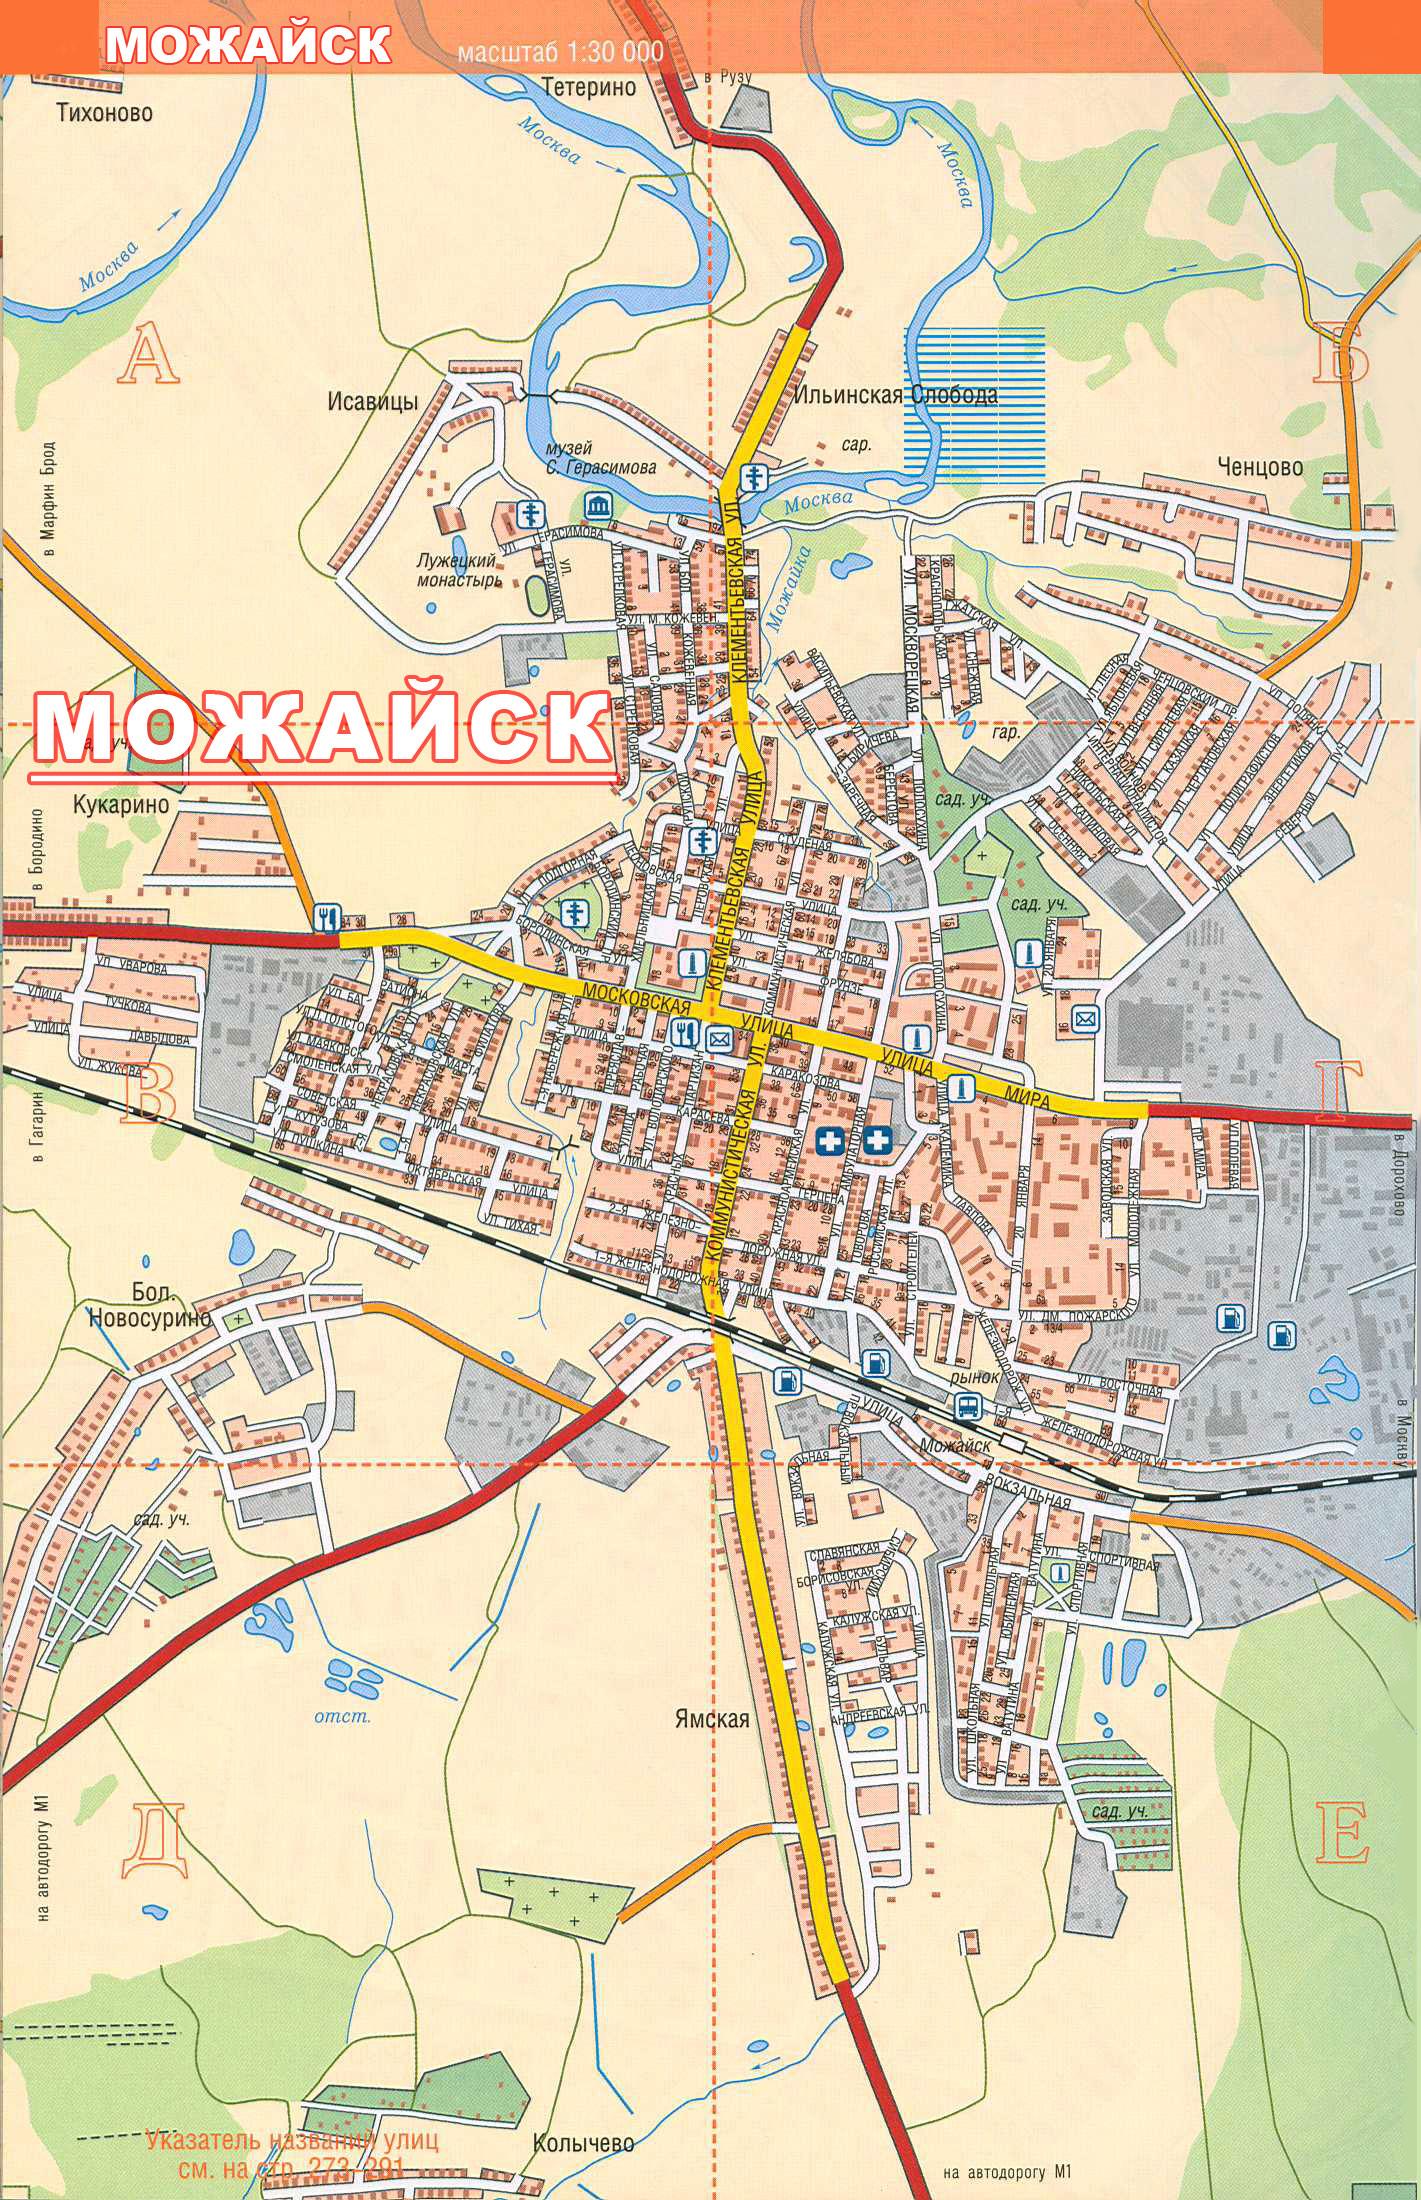 Карта города Можайск с улицами. mozhajsk.